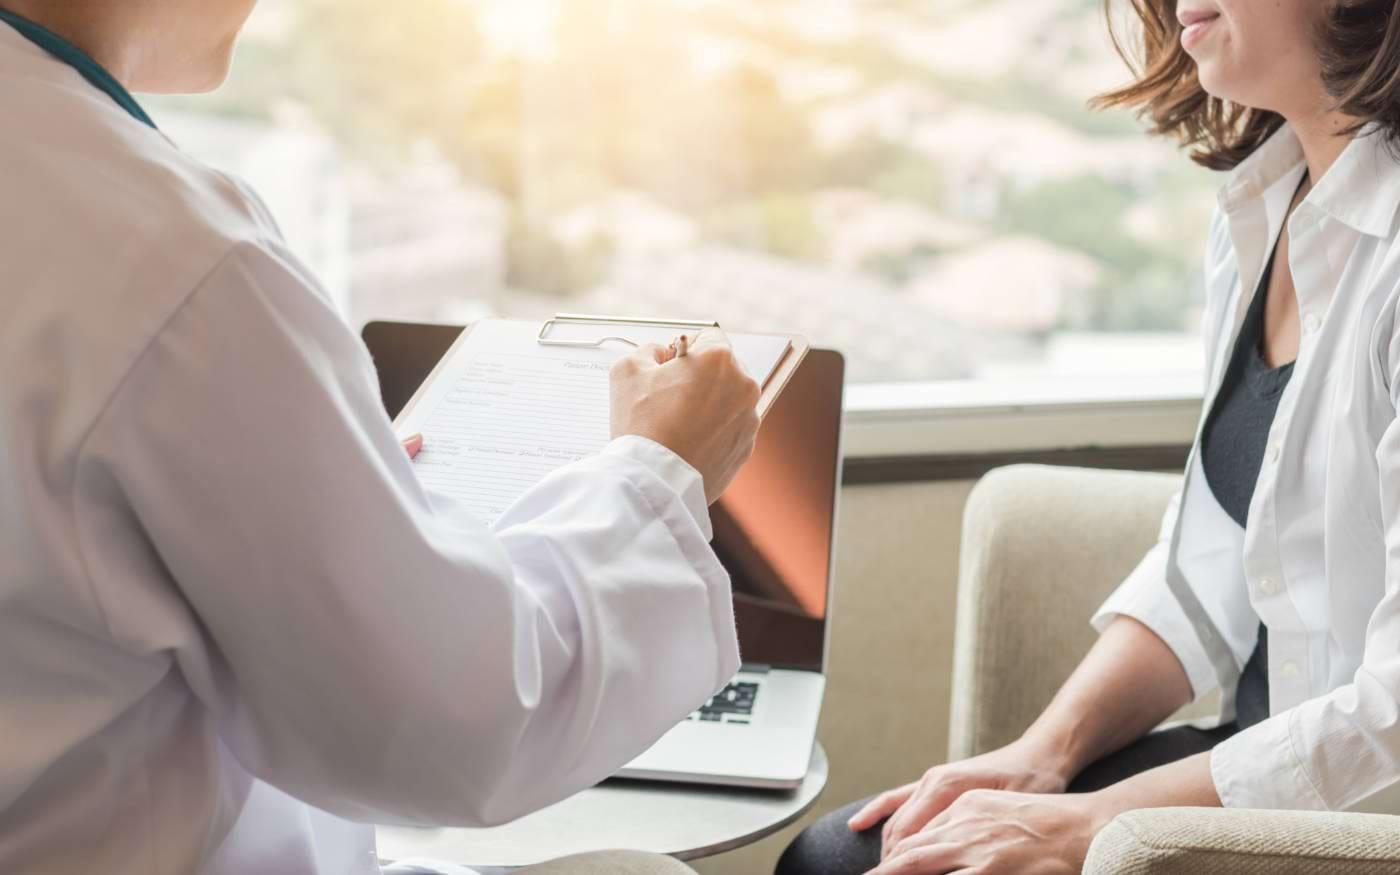 Ce se întâmplă cu sistemul reproducător, odată ce debutează menopauza